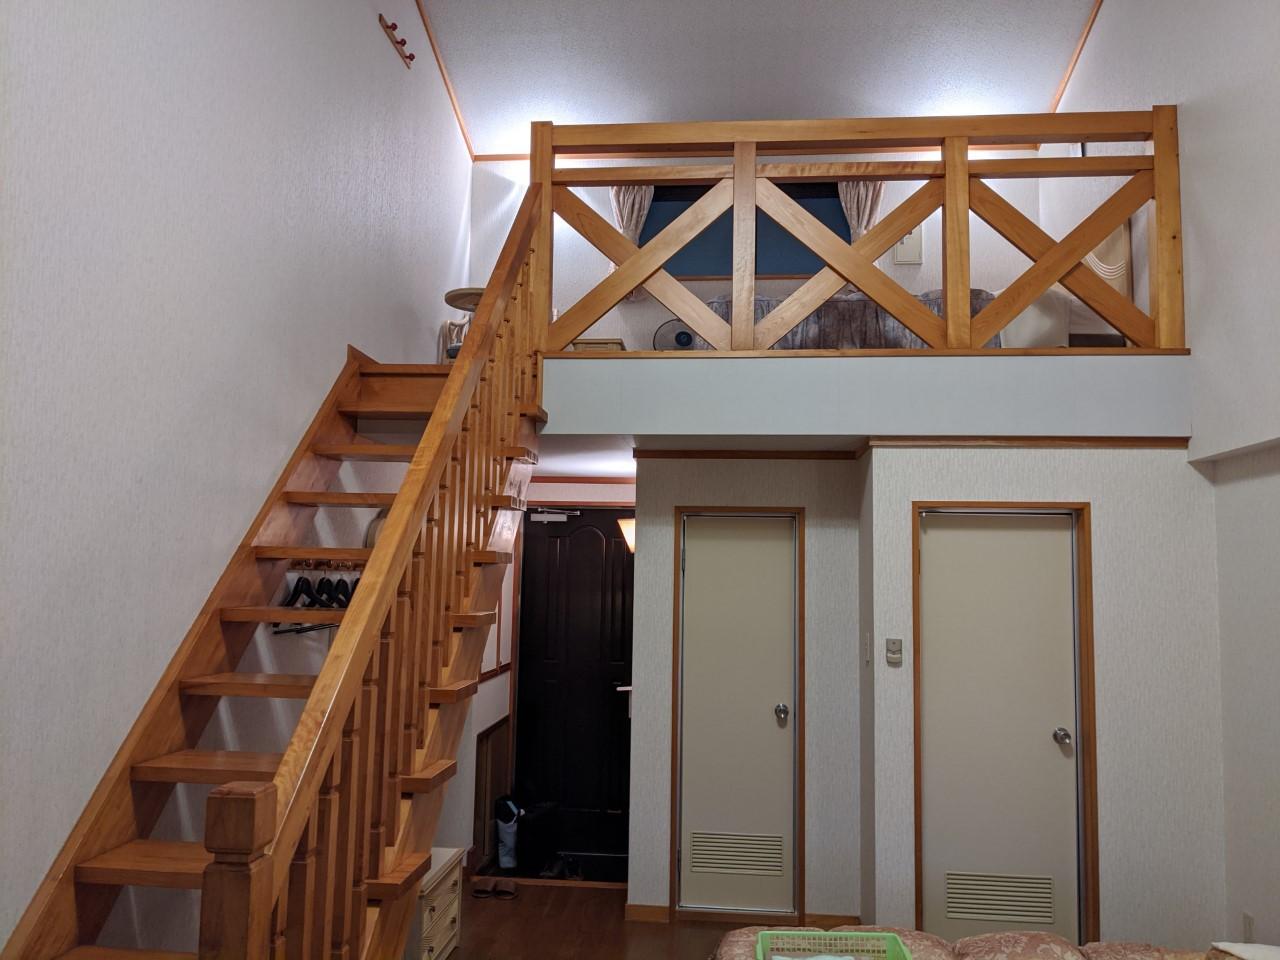 一番の魅力は全室バルコニー付きオーシャンビューの部屋!